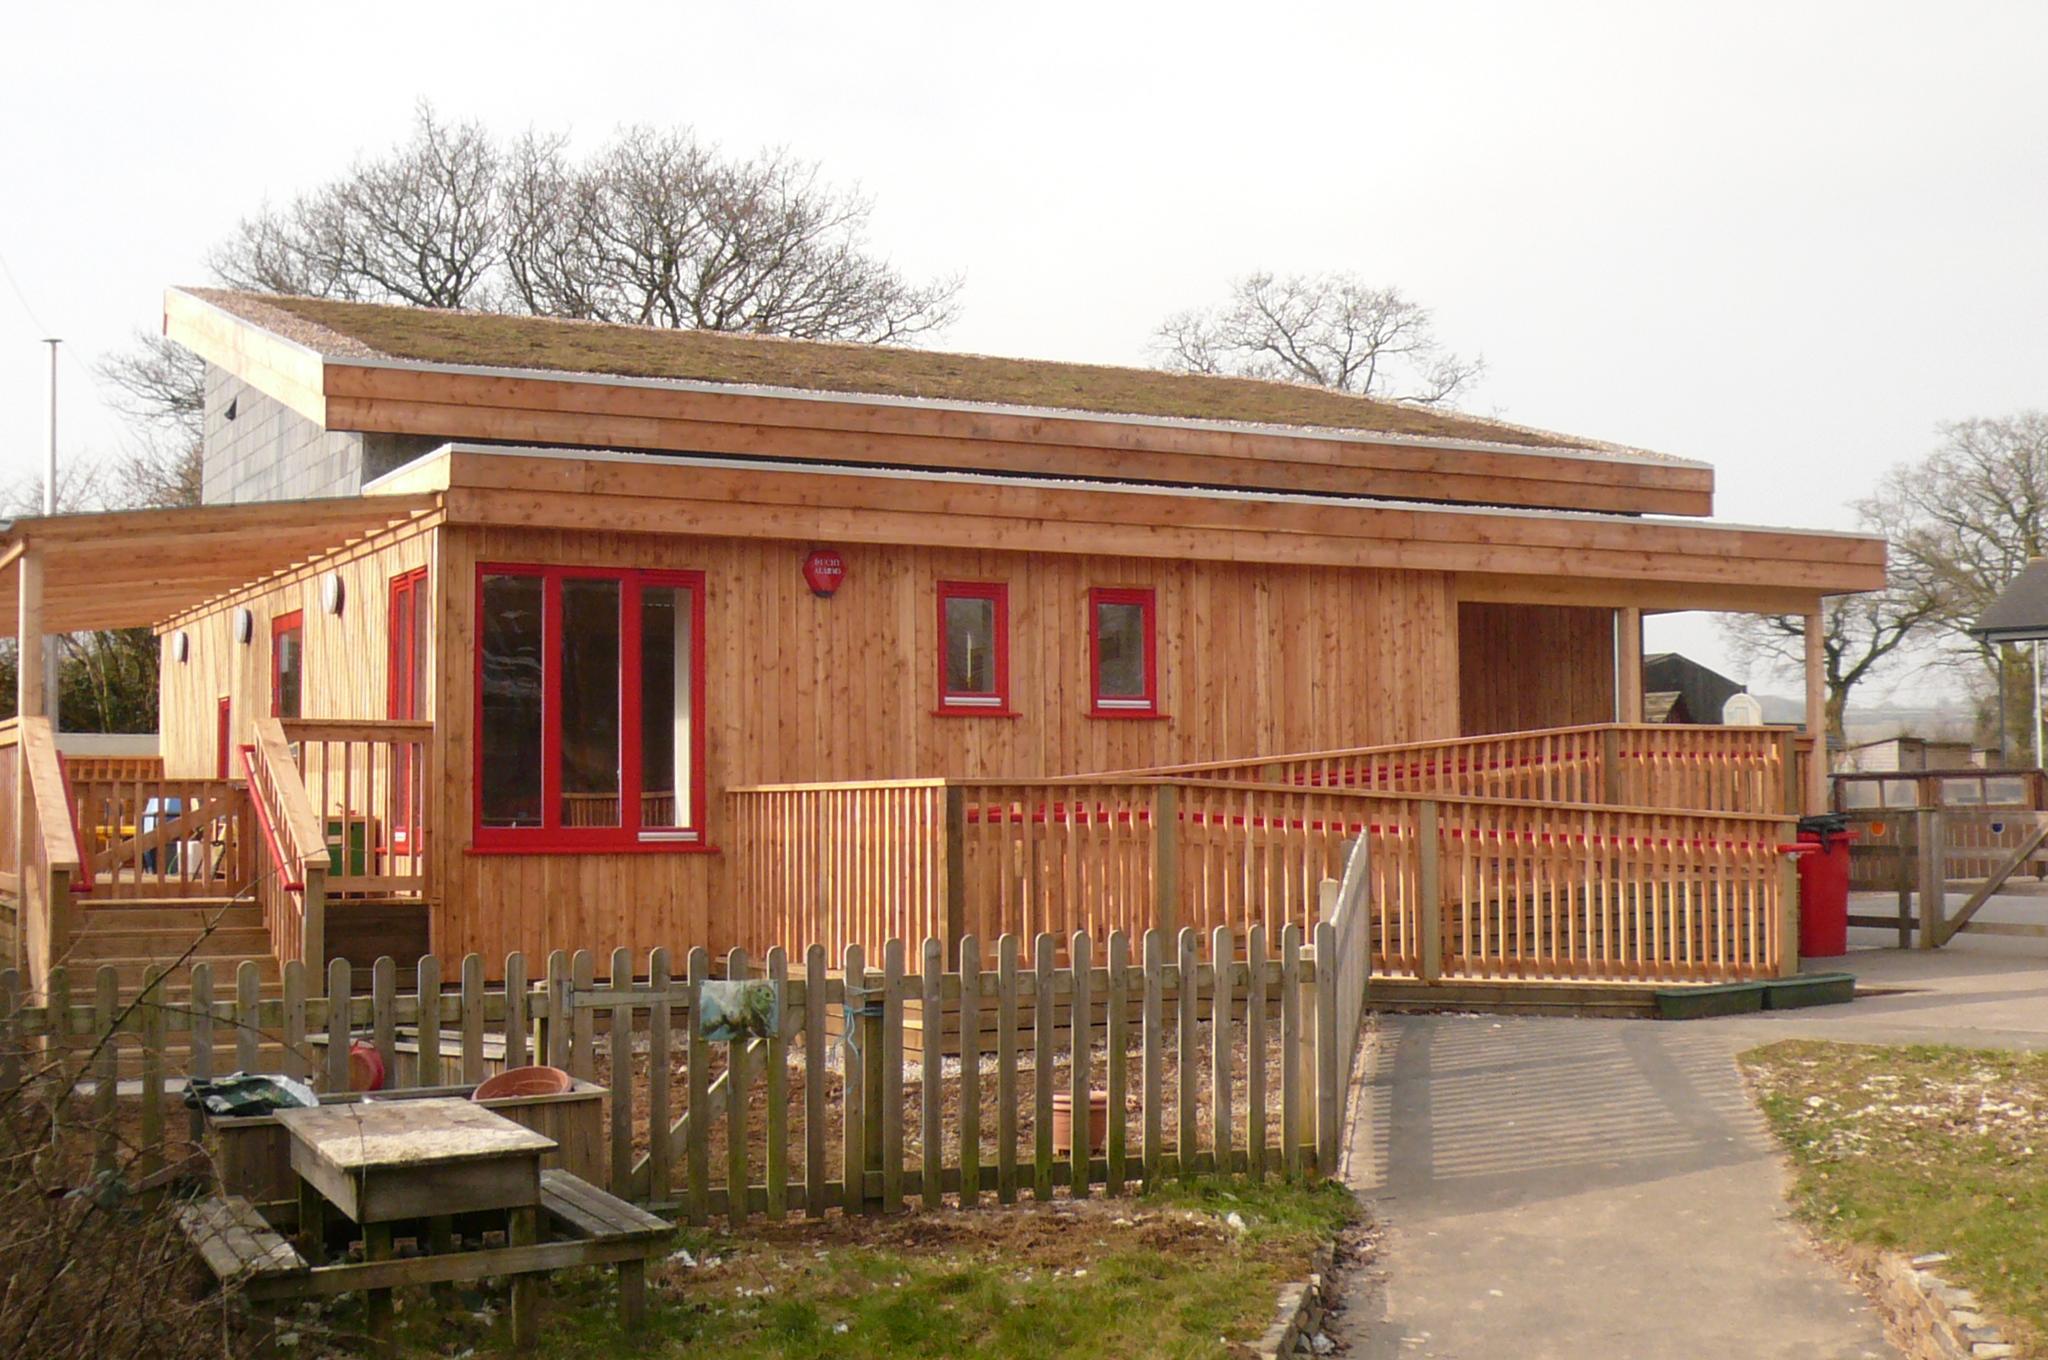 Egloskerry Pre-School